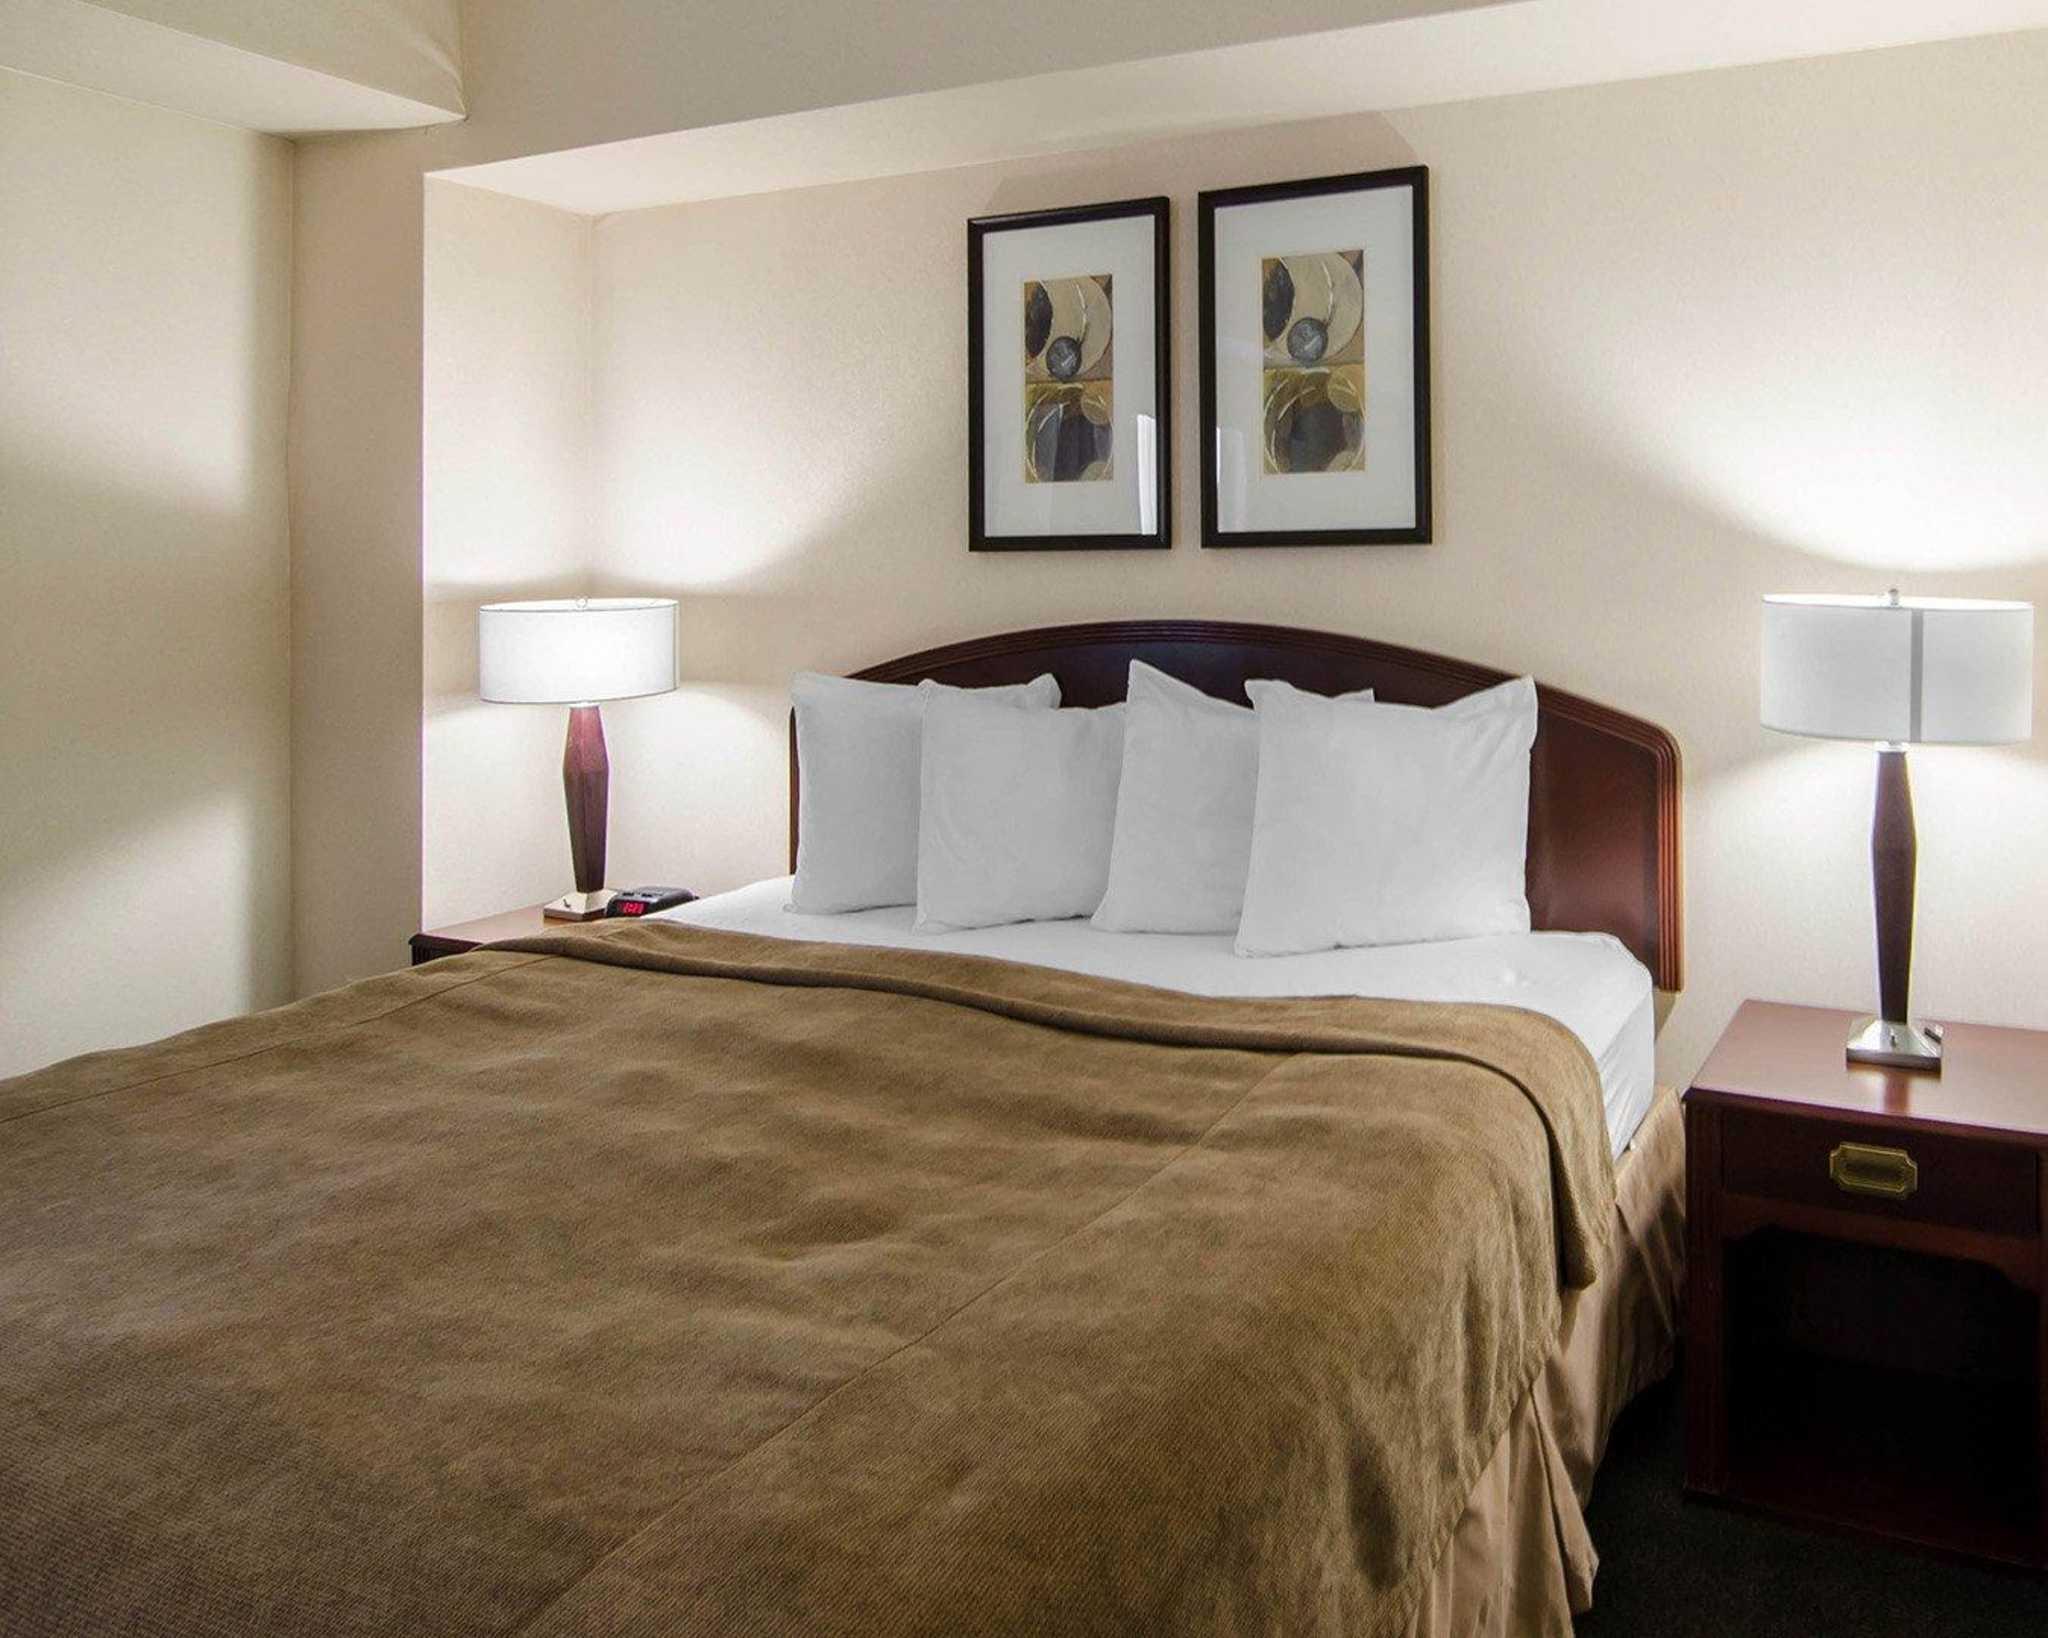 Quality Hotel in Regina